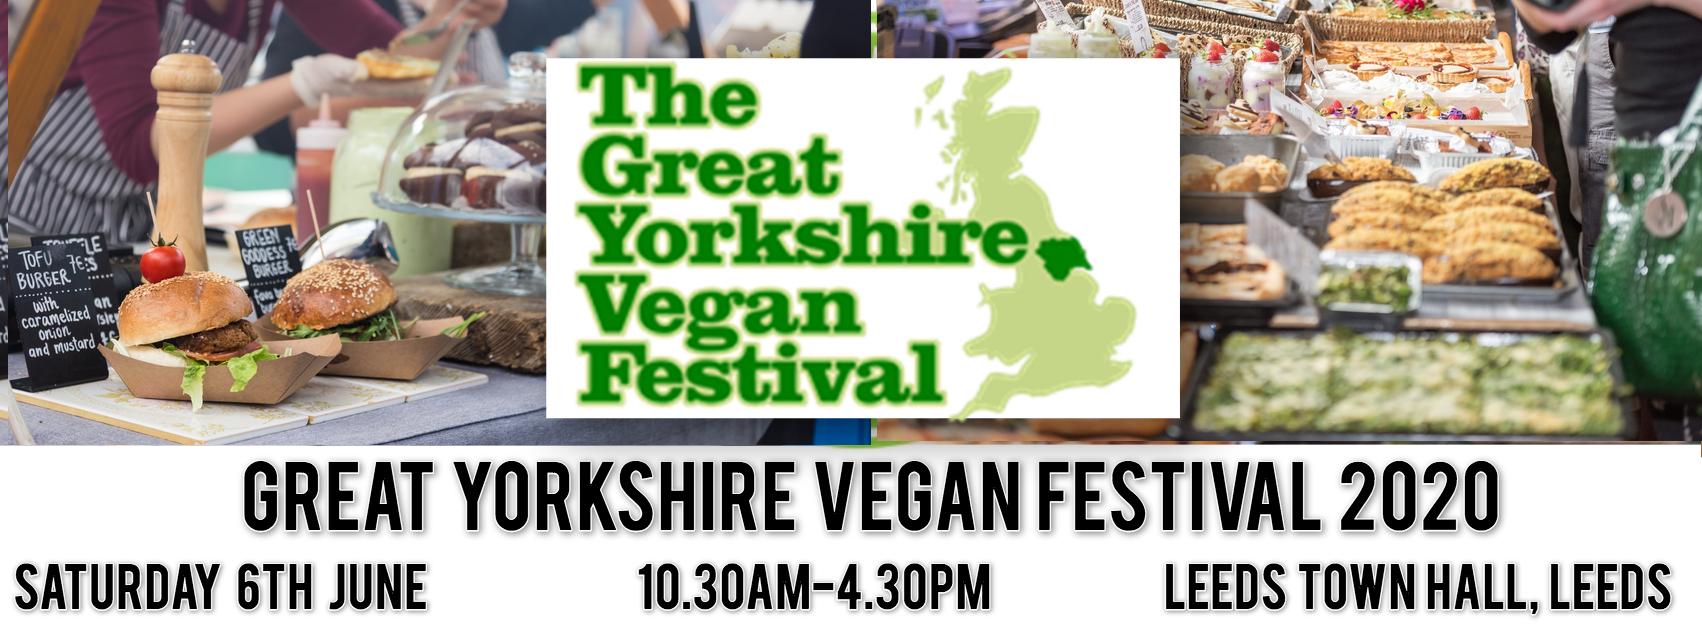 Vegan Festival 2020.Great Yorkshire Vegan Festival Leeds